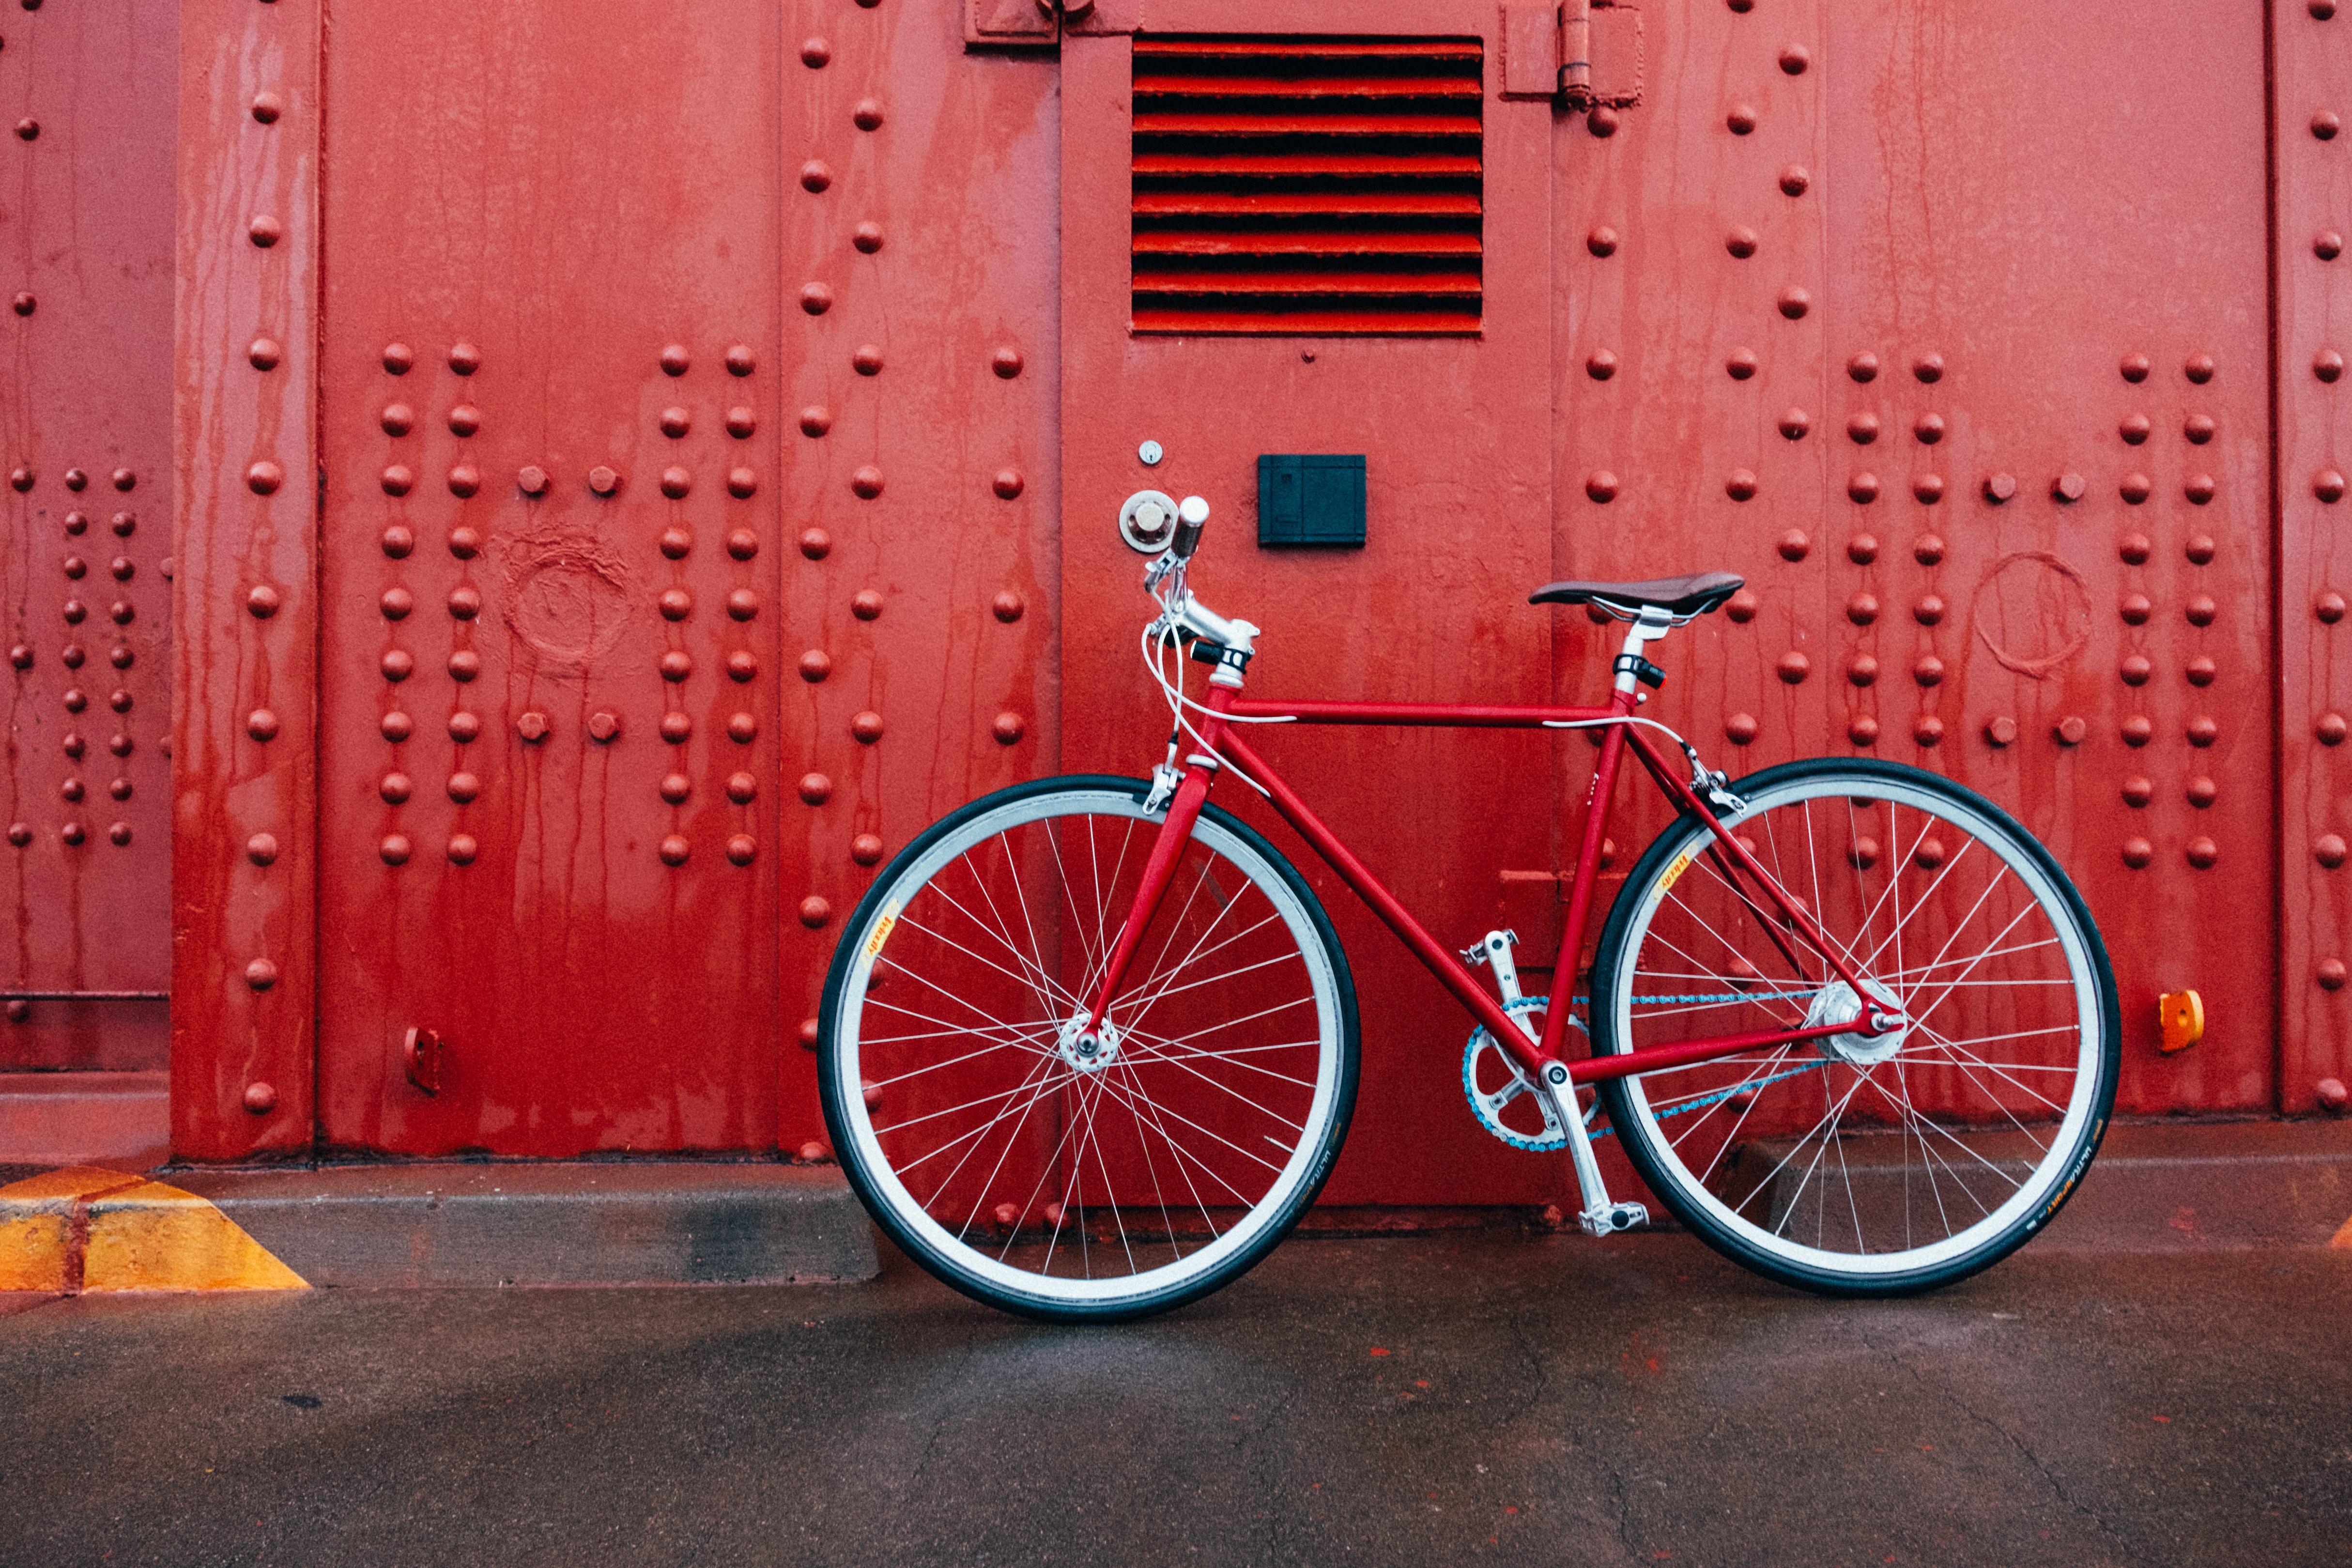 Photographie d'un vélo contre un mur